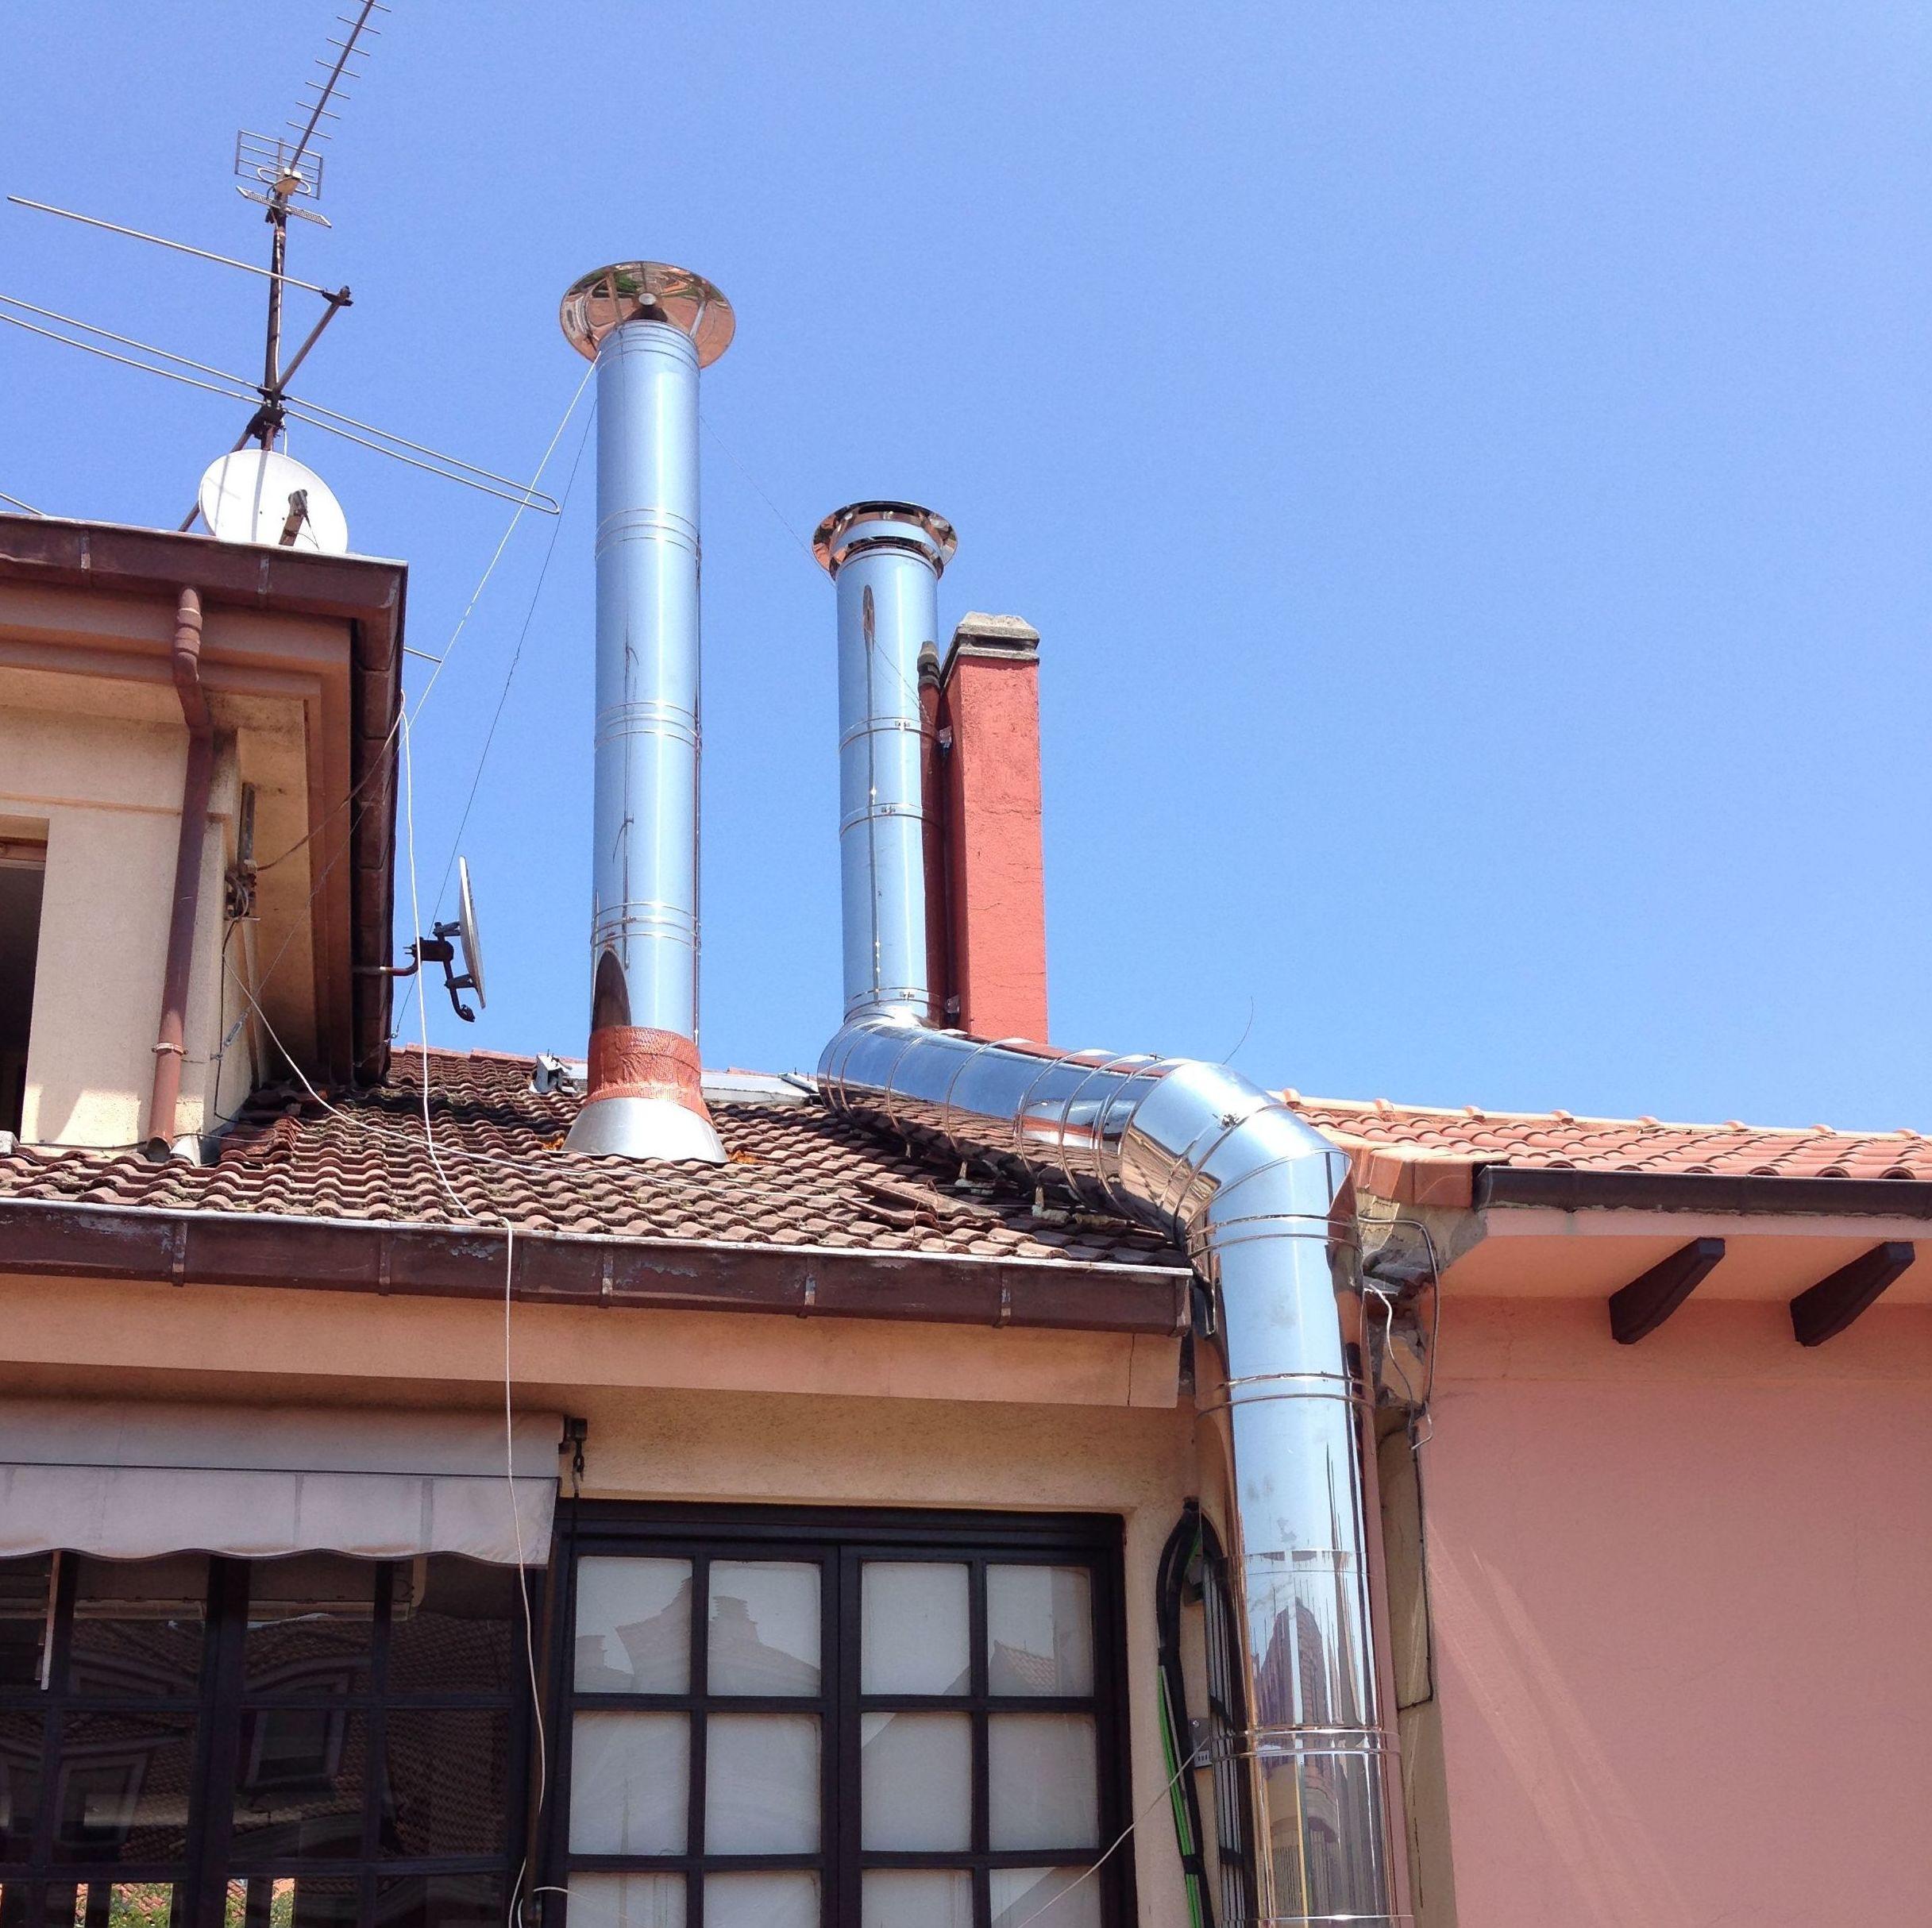 Instalación de chimeneas metálicas en Asturias